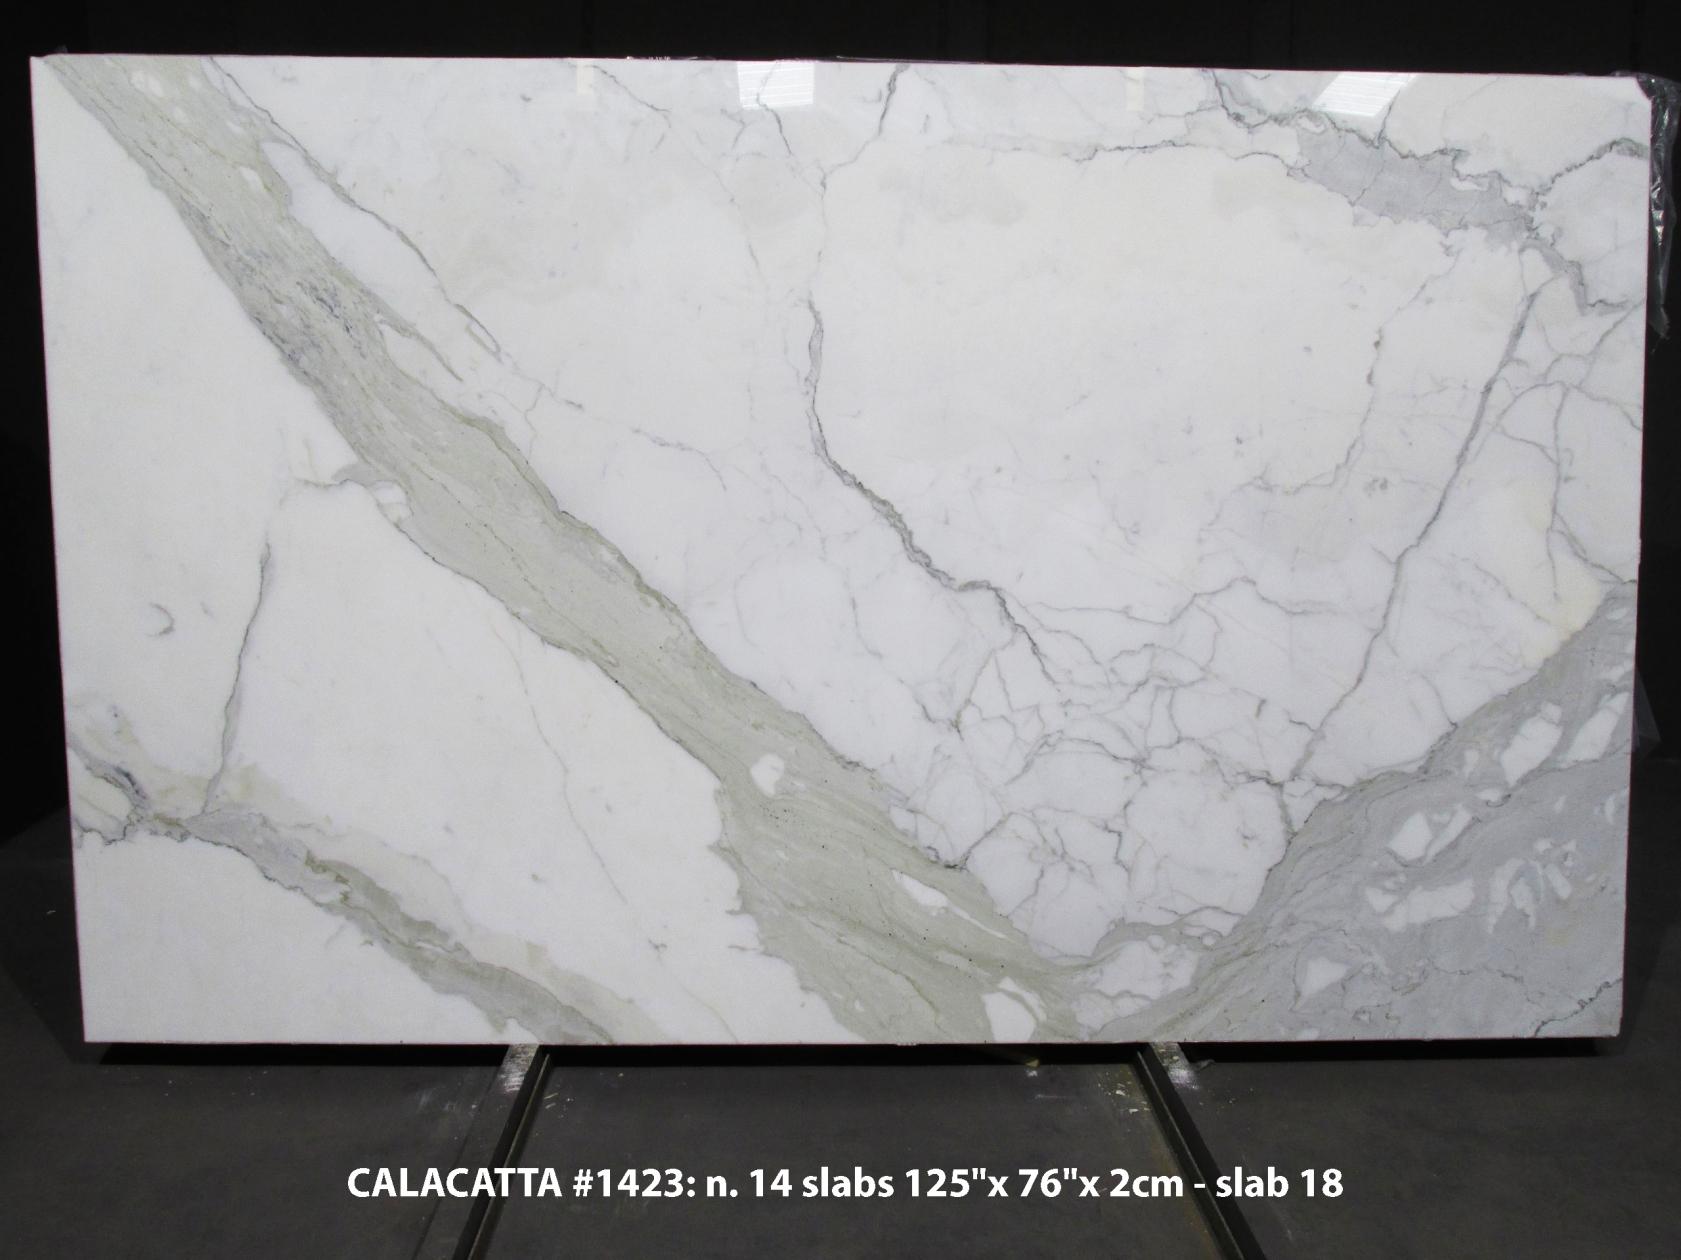 CALACATTA Suministro Veneto (Italia) de planchas pulidas en mármol natural 1423M , Bundle #1